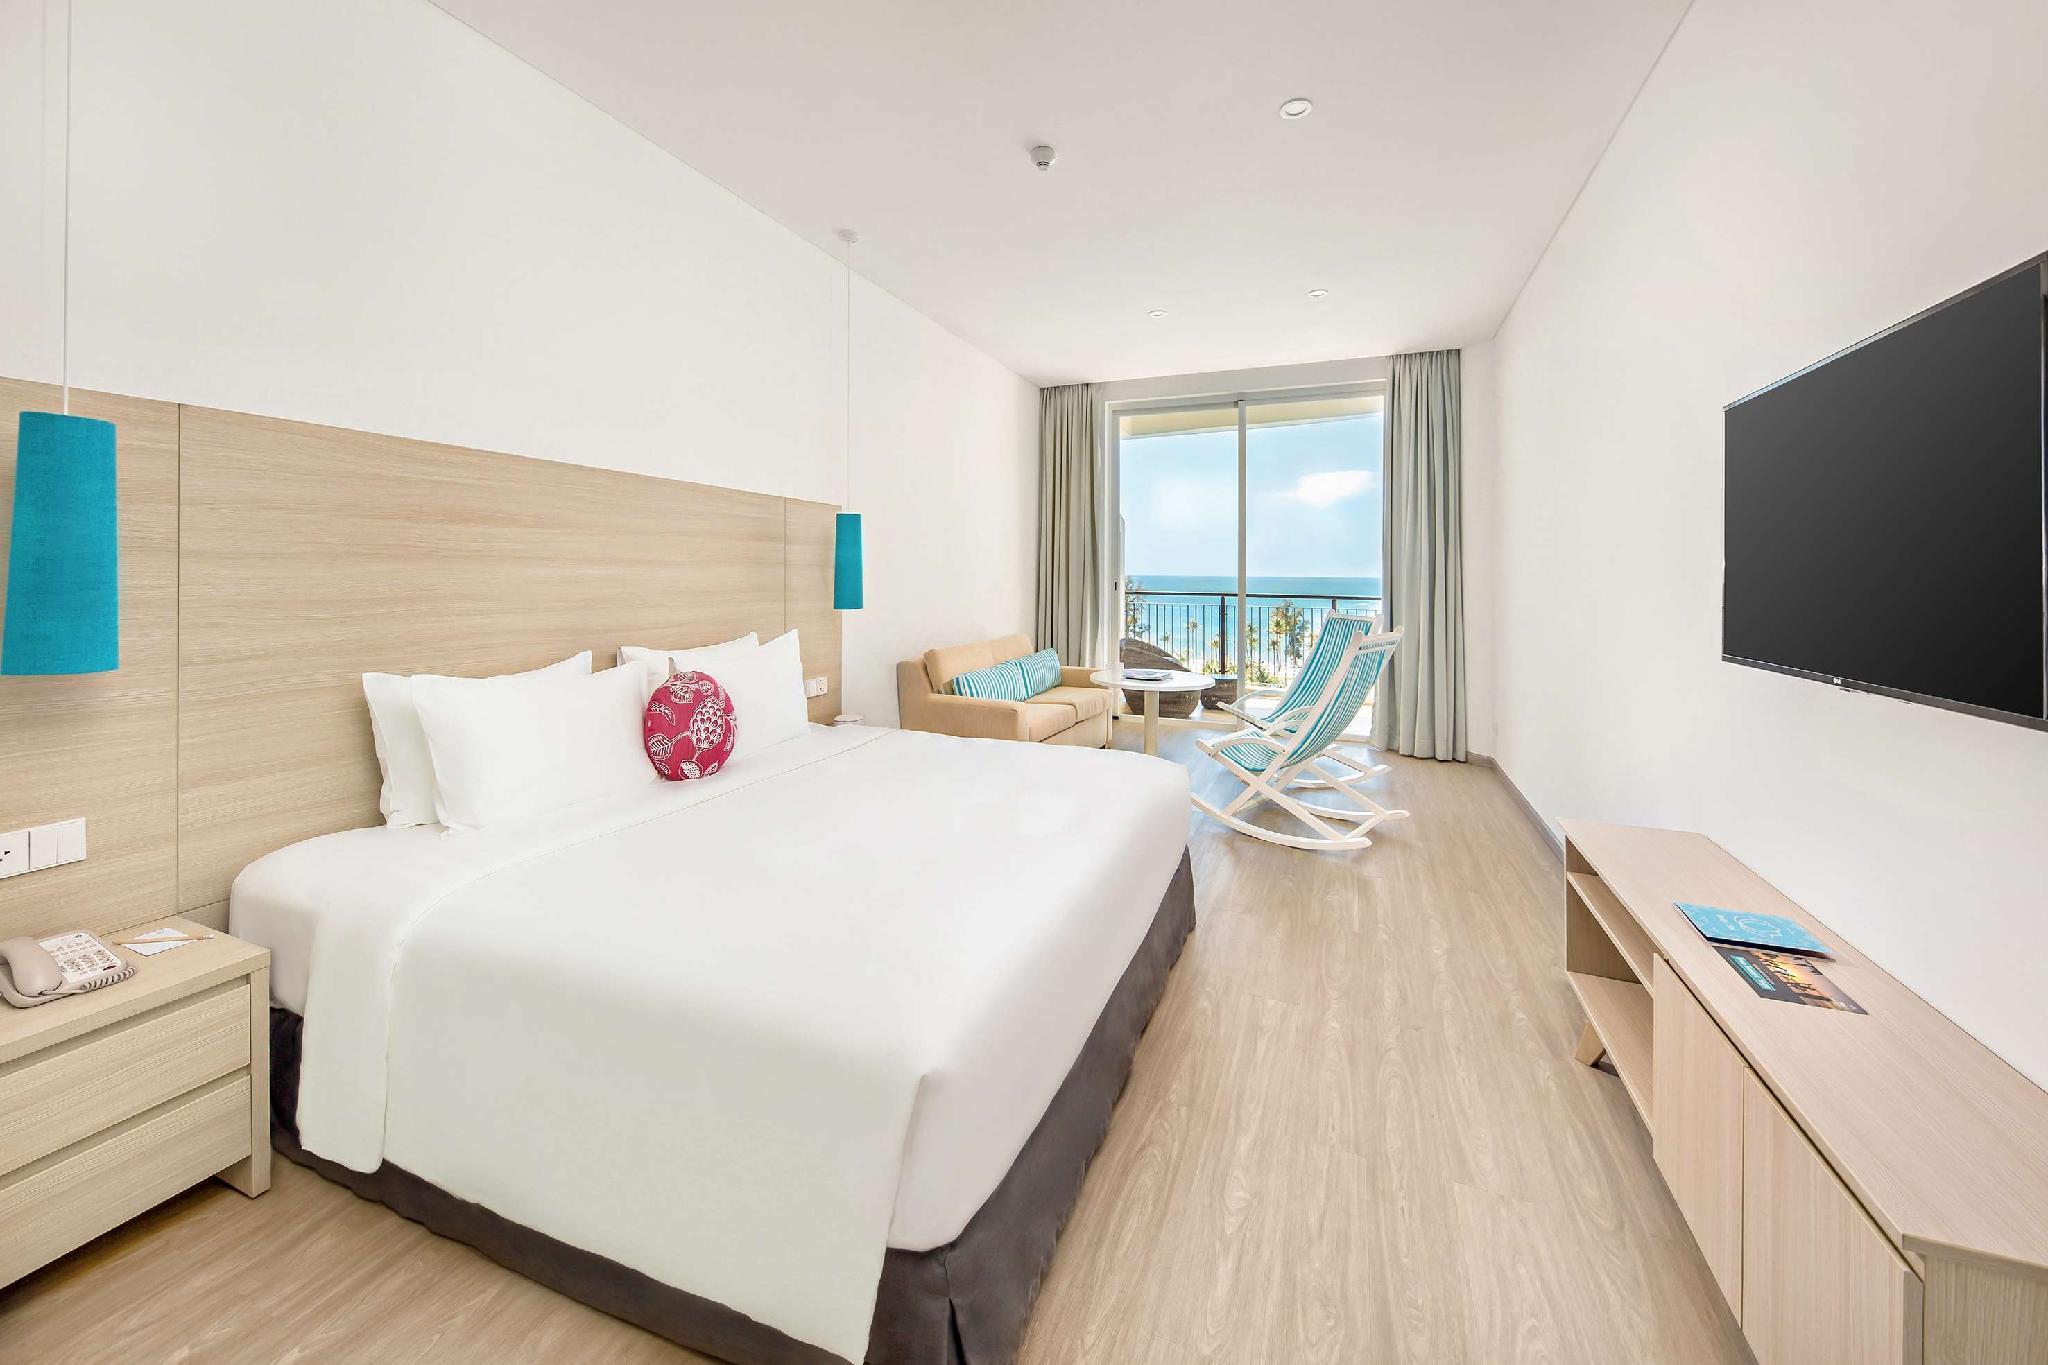 SOL Thuộc Melia Phú Quốc   Đảo Phú Quốc ƯU ĐÃI CẬP NHẬT NĂM 2020 1354325 ₫,  Ảnh HD & Nhận Xét